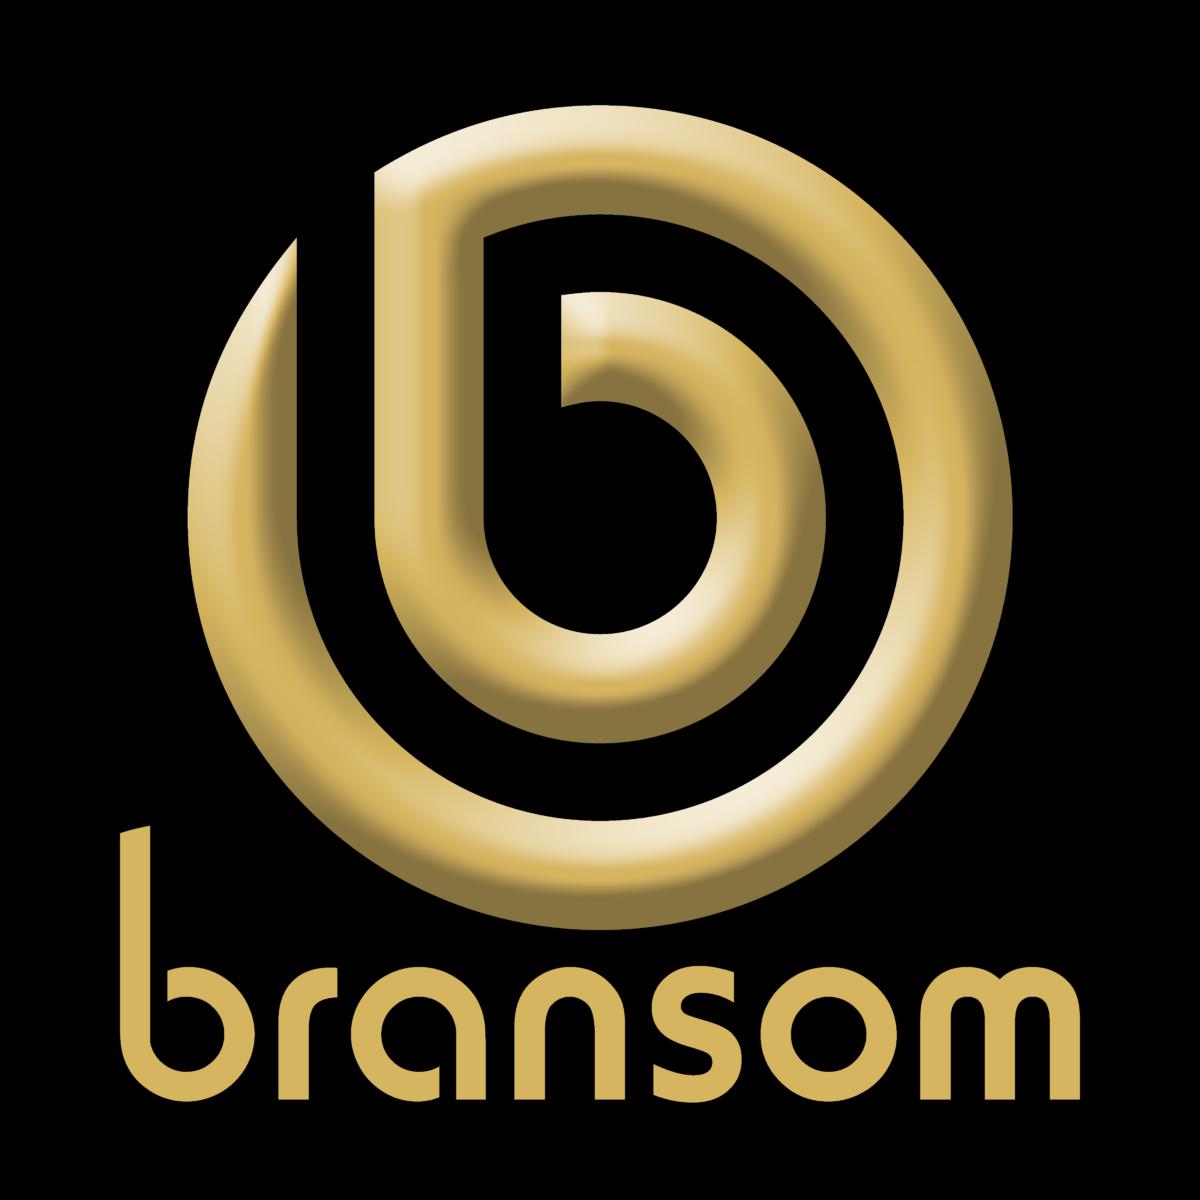 BransomLogo (2)